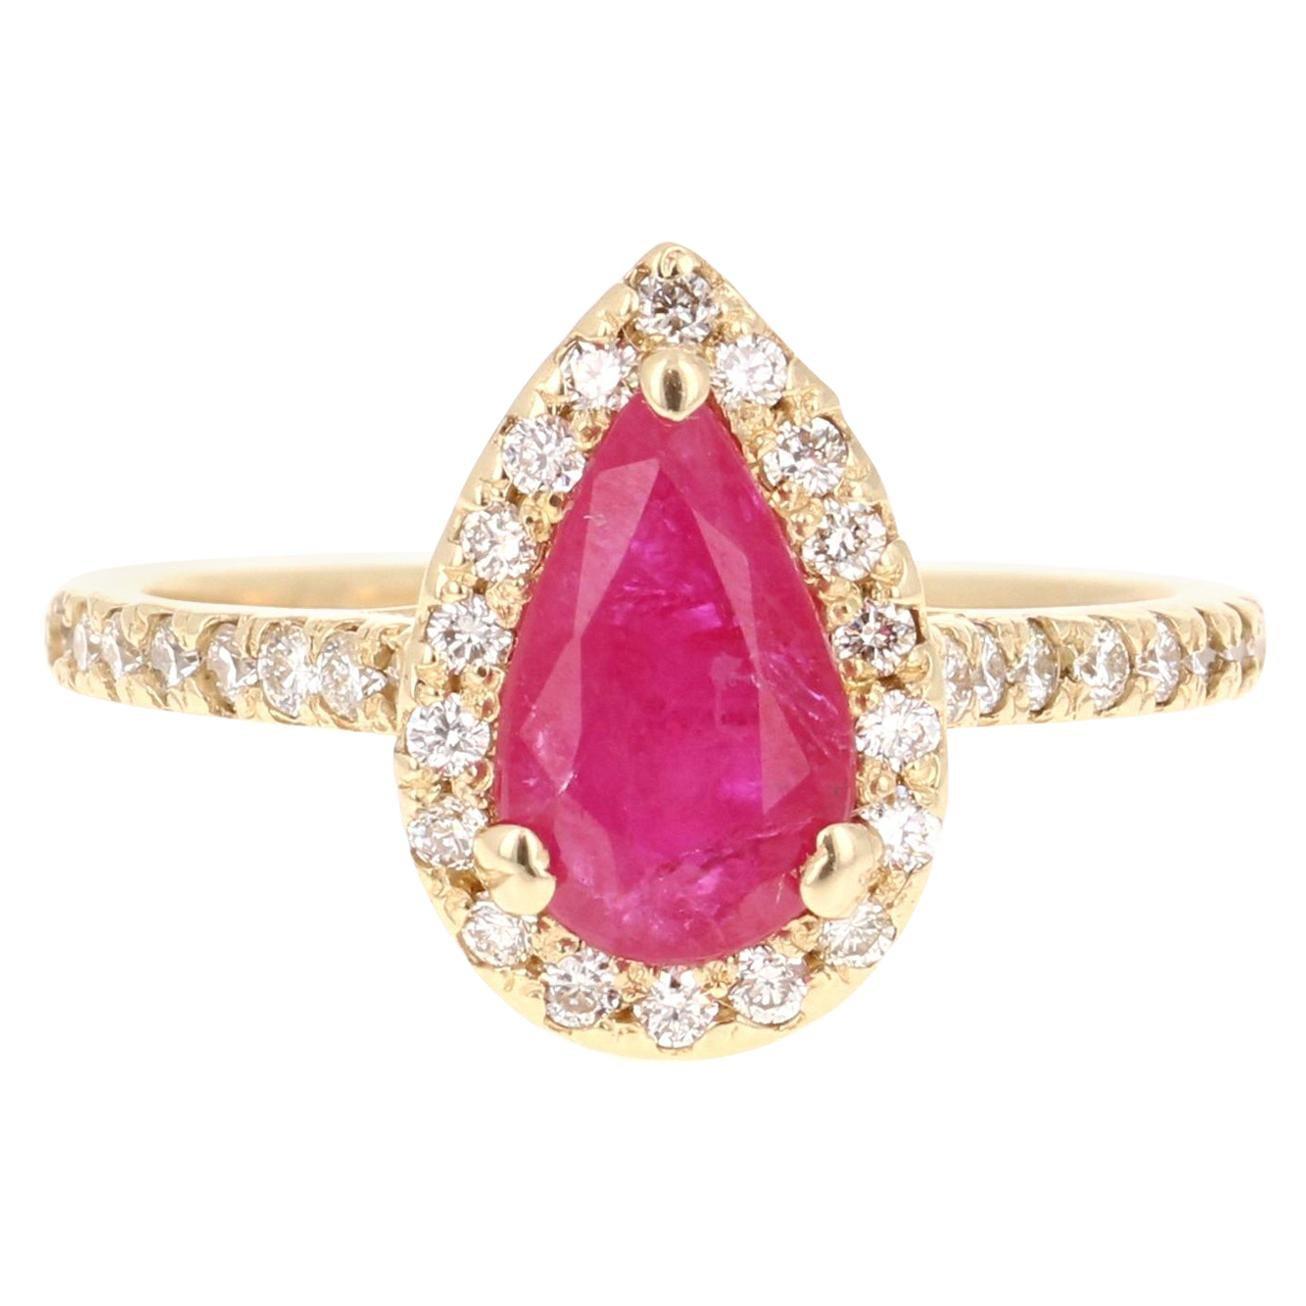 Ruby Diamond 1.87 Carat 14 Karat Yellow Gold Engagement Ring